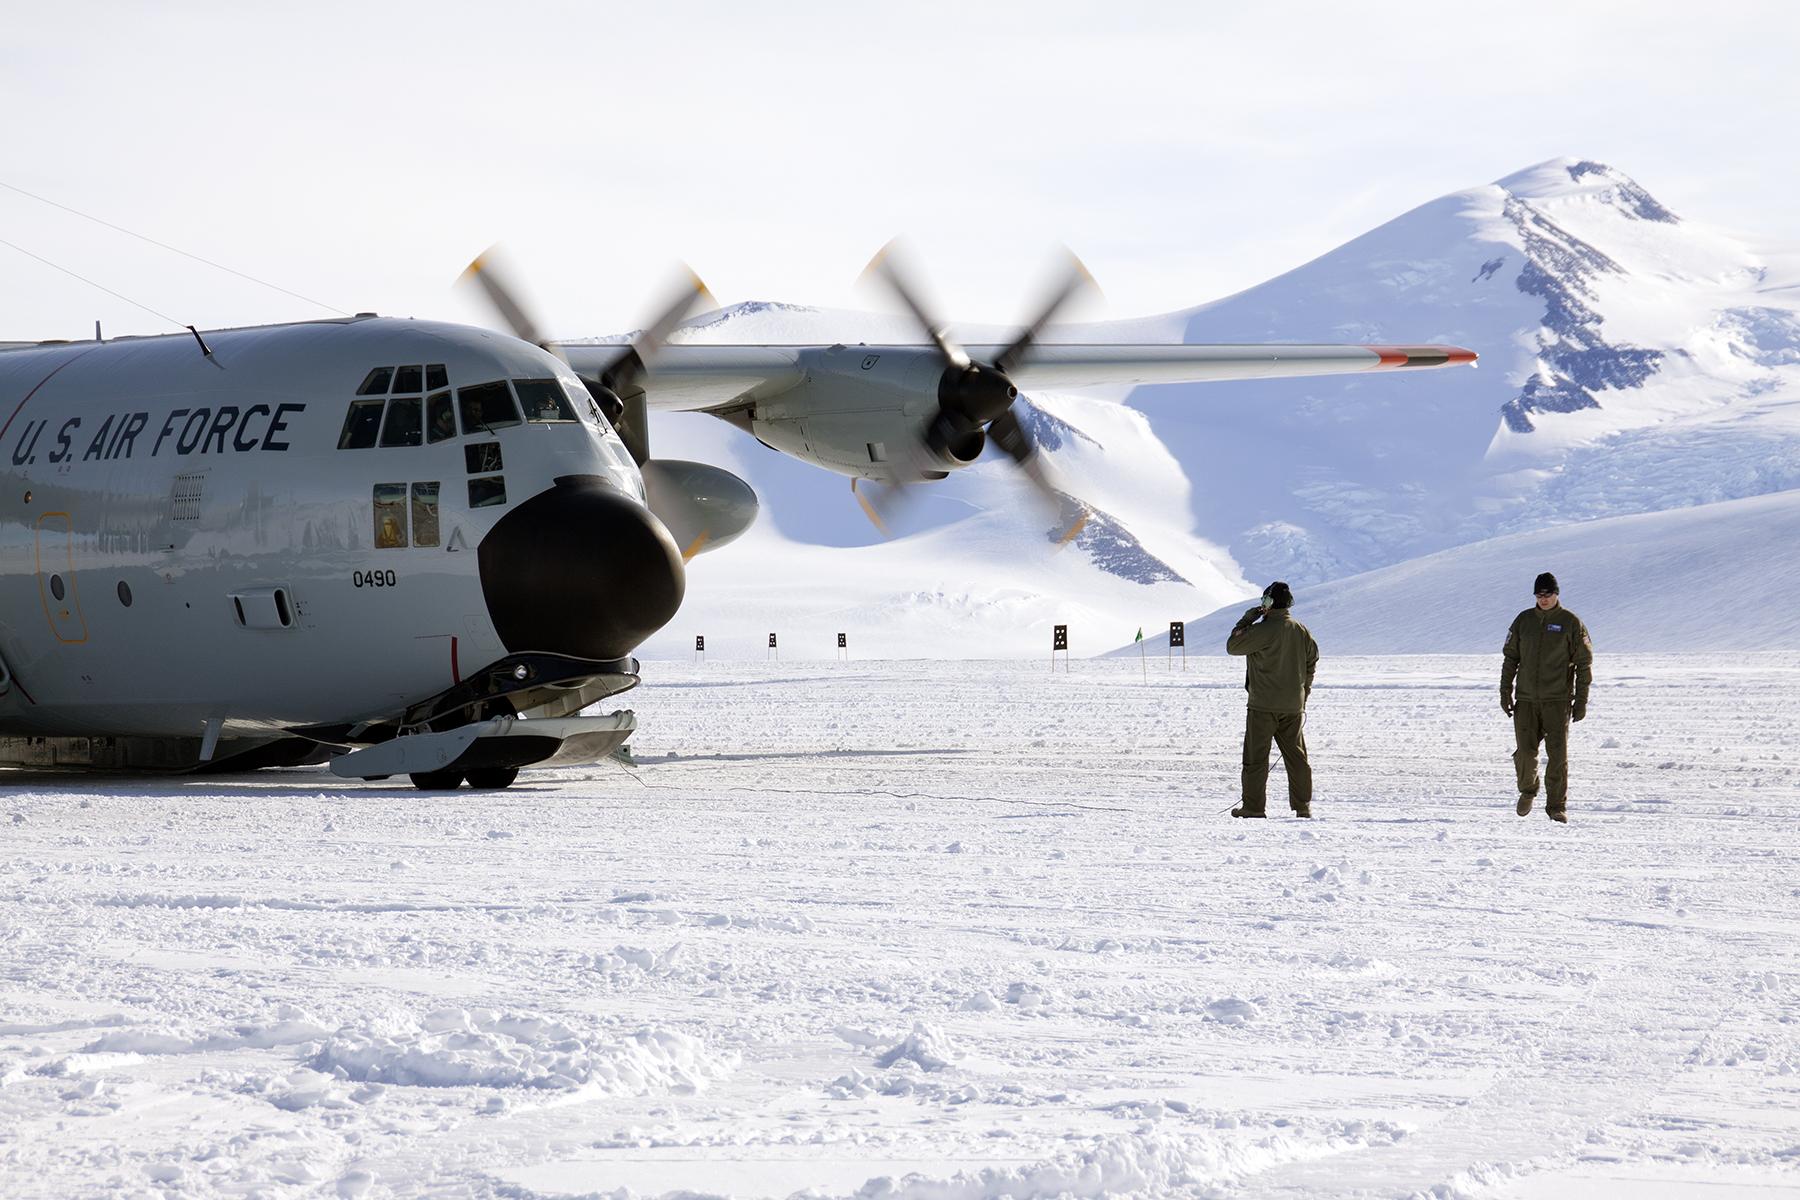 LC-130 at Shackleton